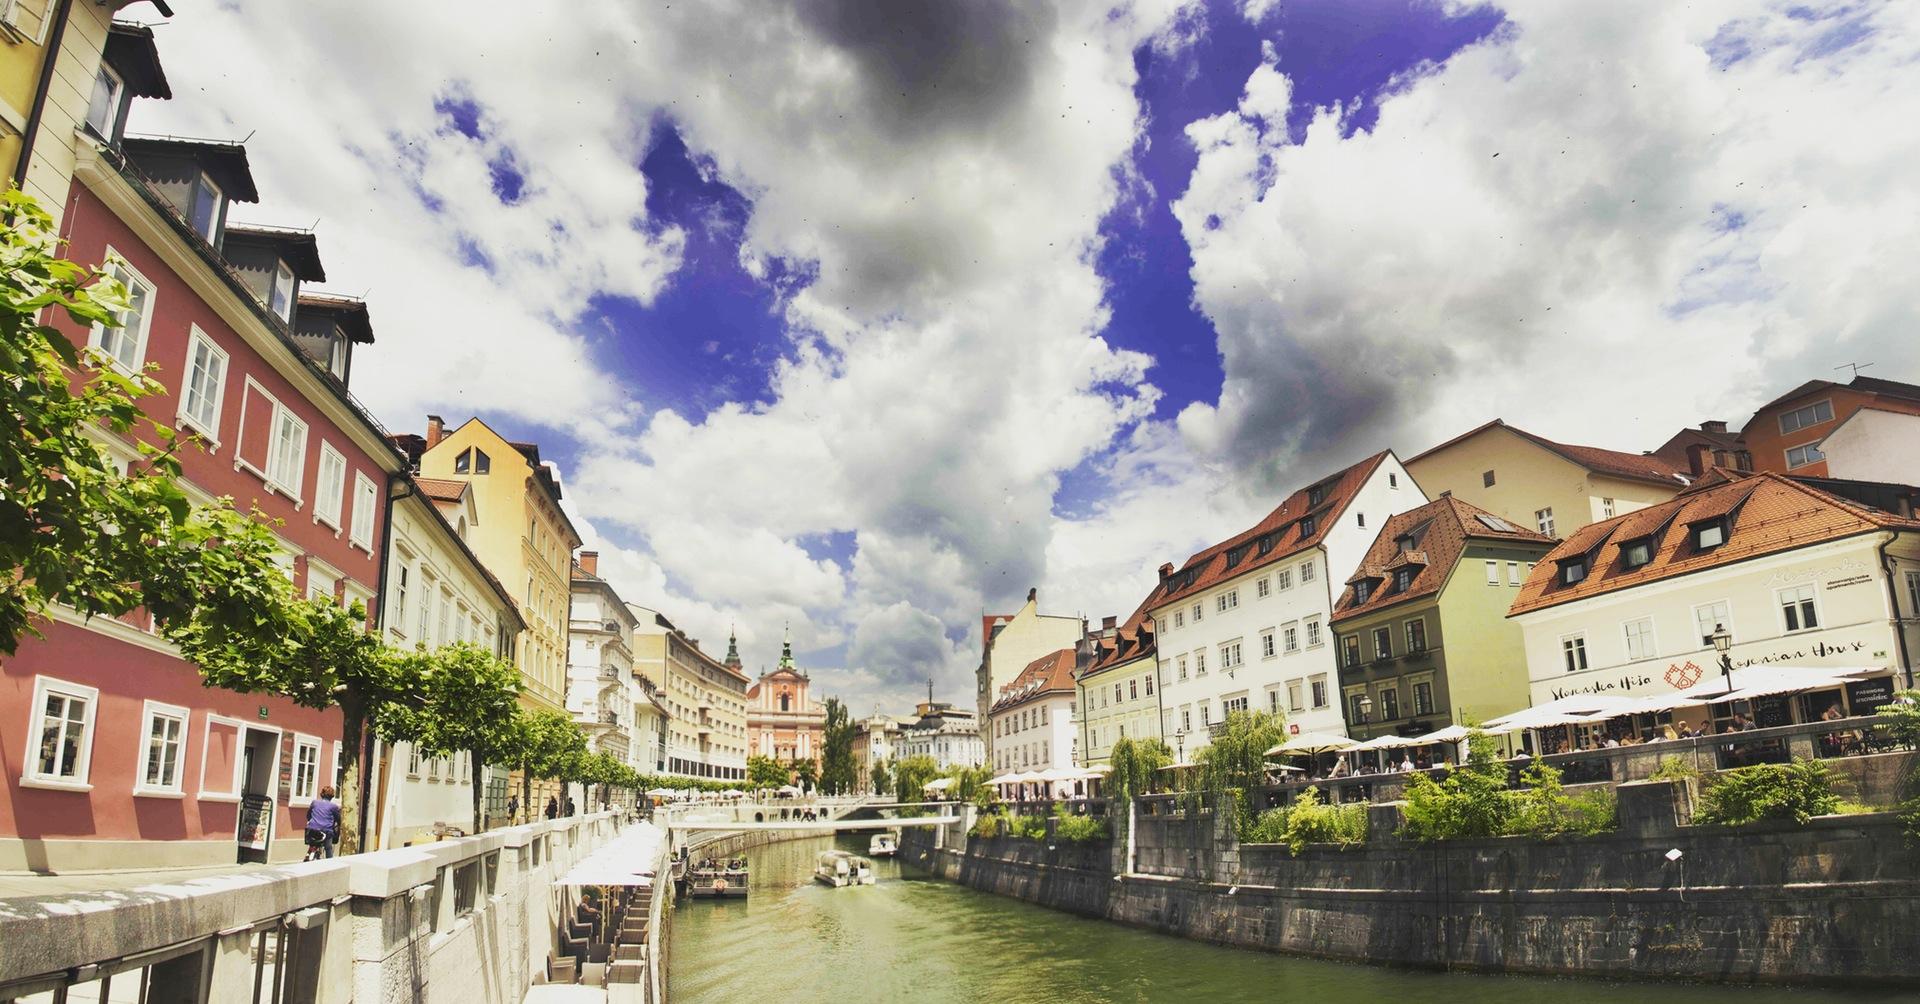 गांव, नदी, मकान, पानी, बादल - HD वॉलपेपर - प्रोफेसर-falken.com